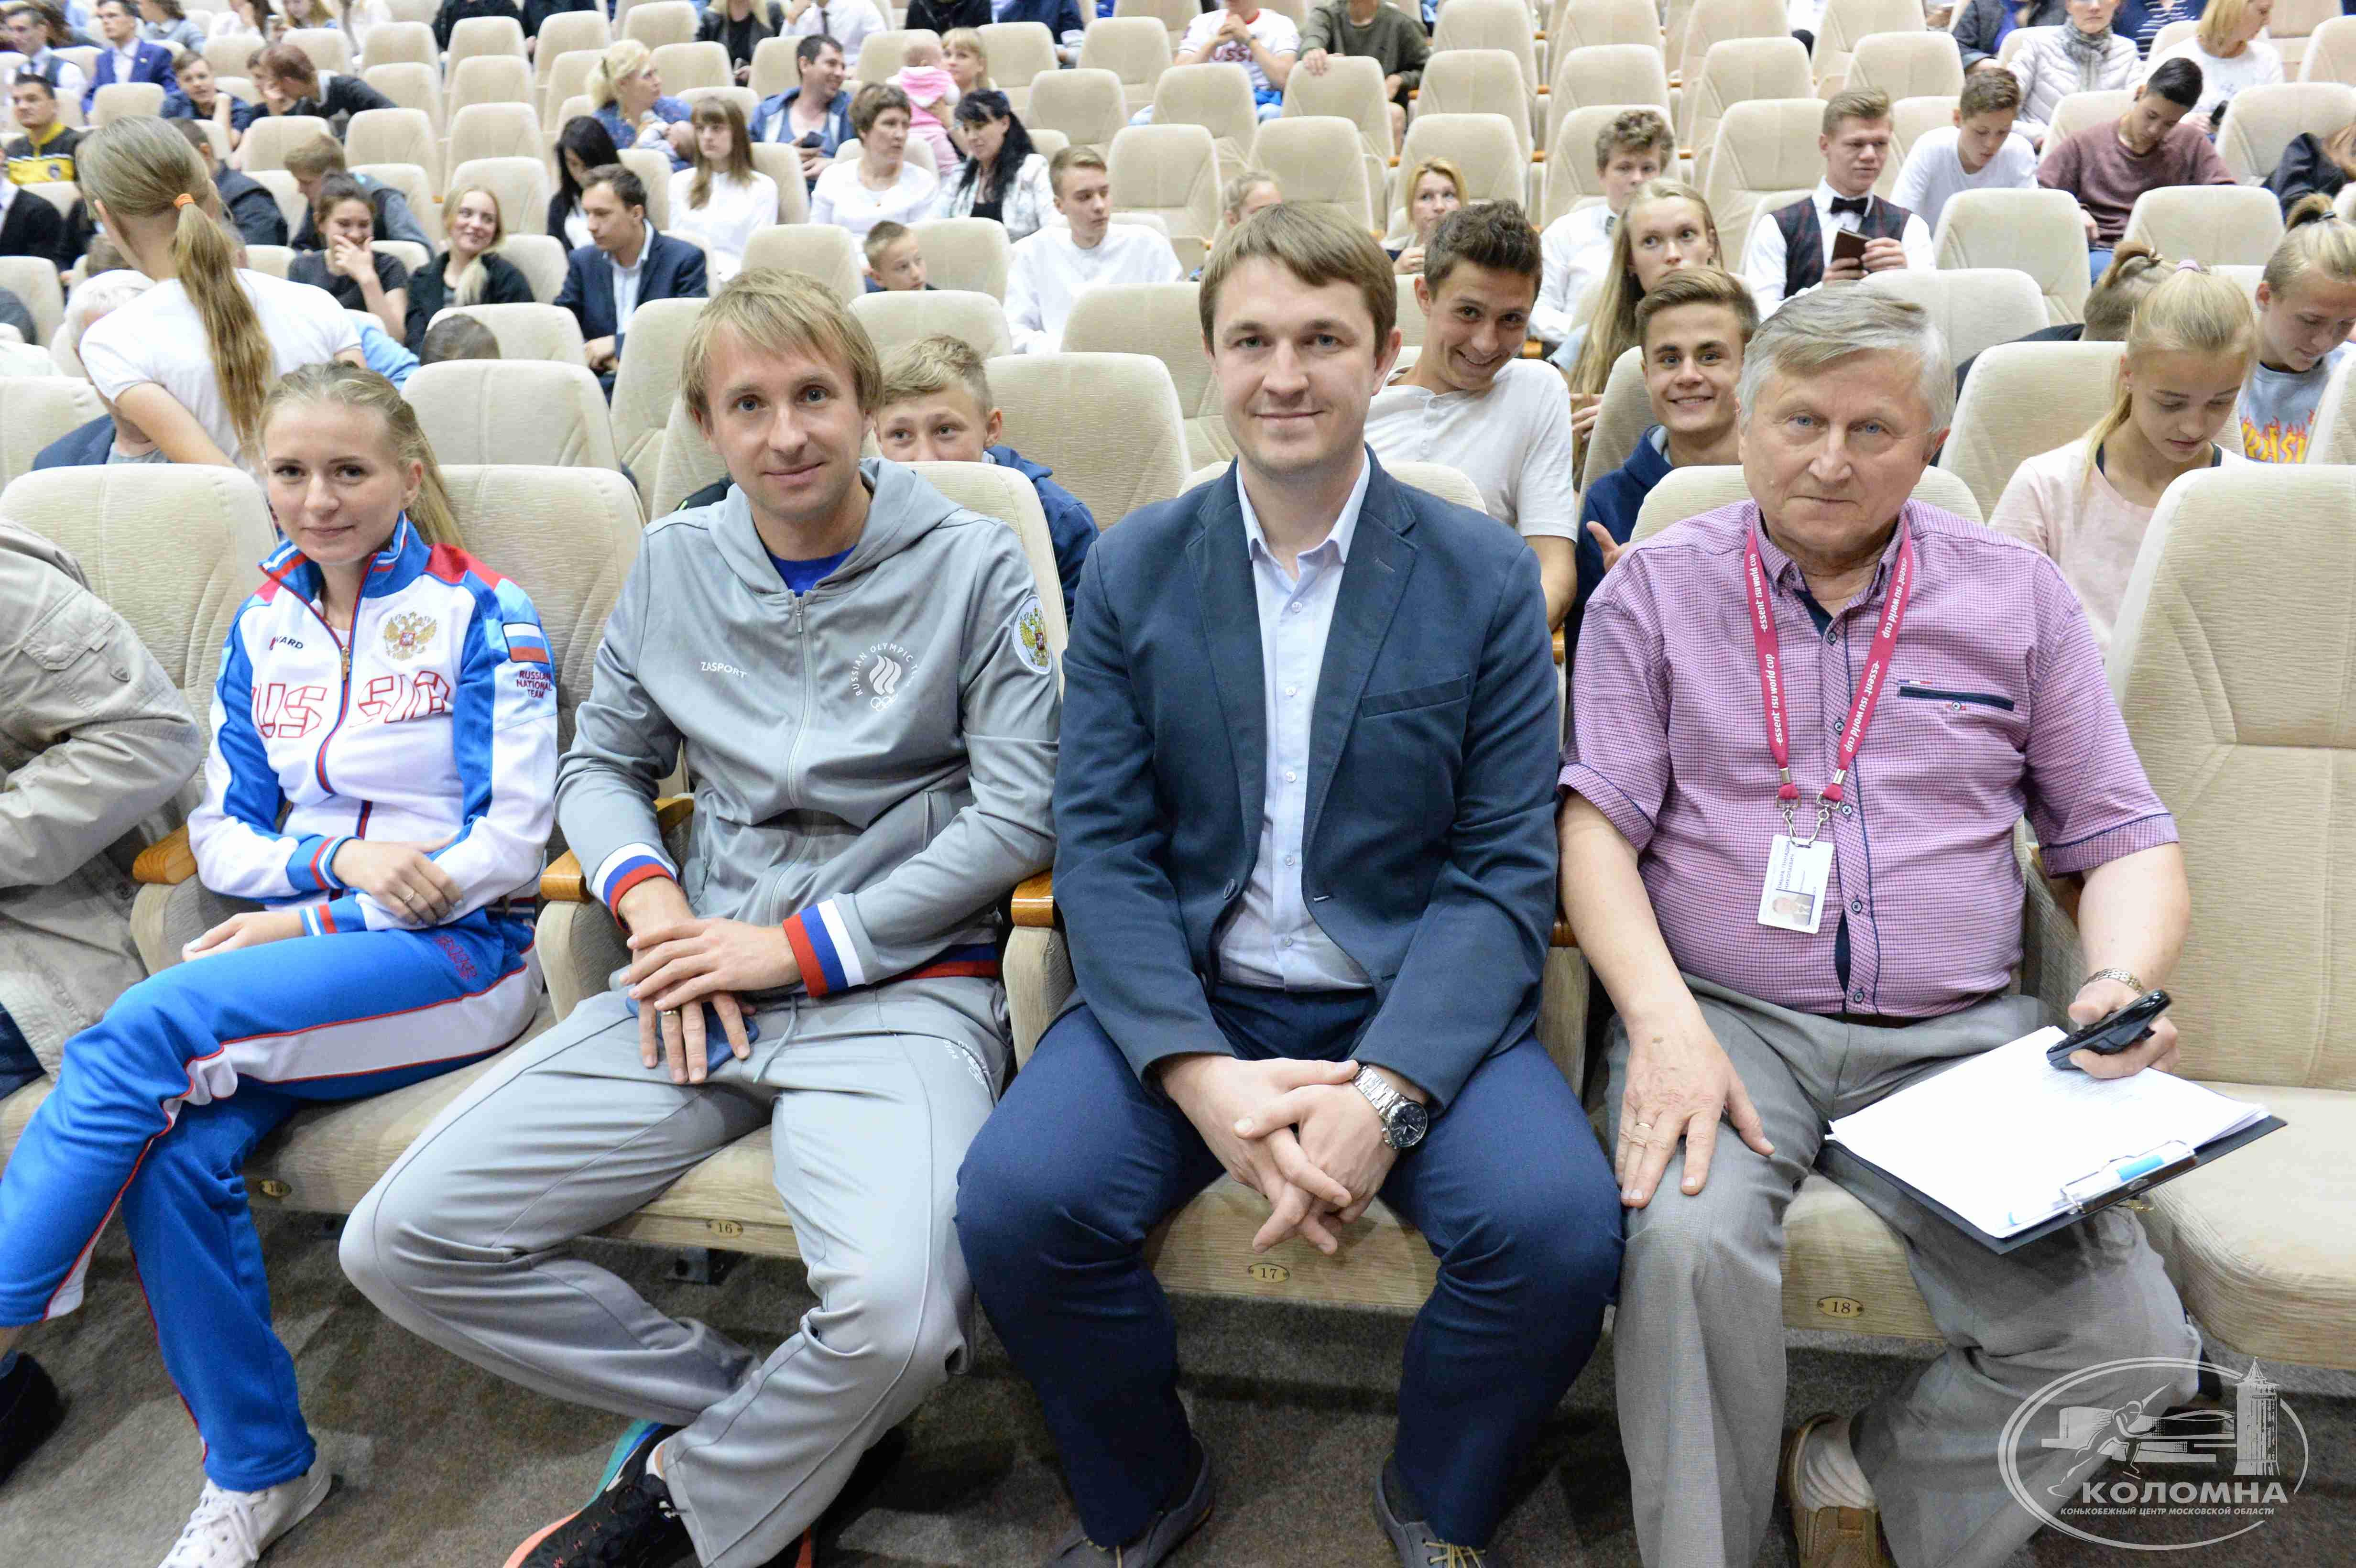 Церемония вручения золотых знаков отличия Всероссийского физкультурно-спортивного комплекса «Готов к труду и обороне»